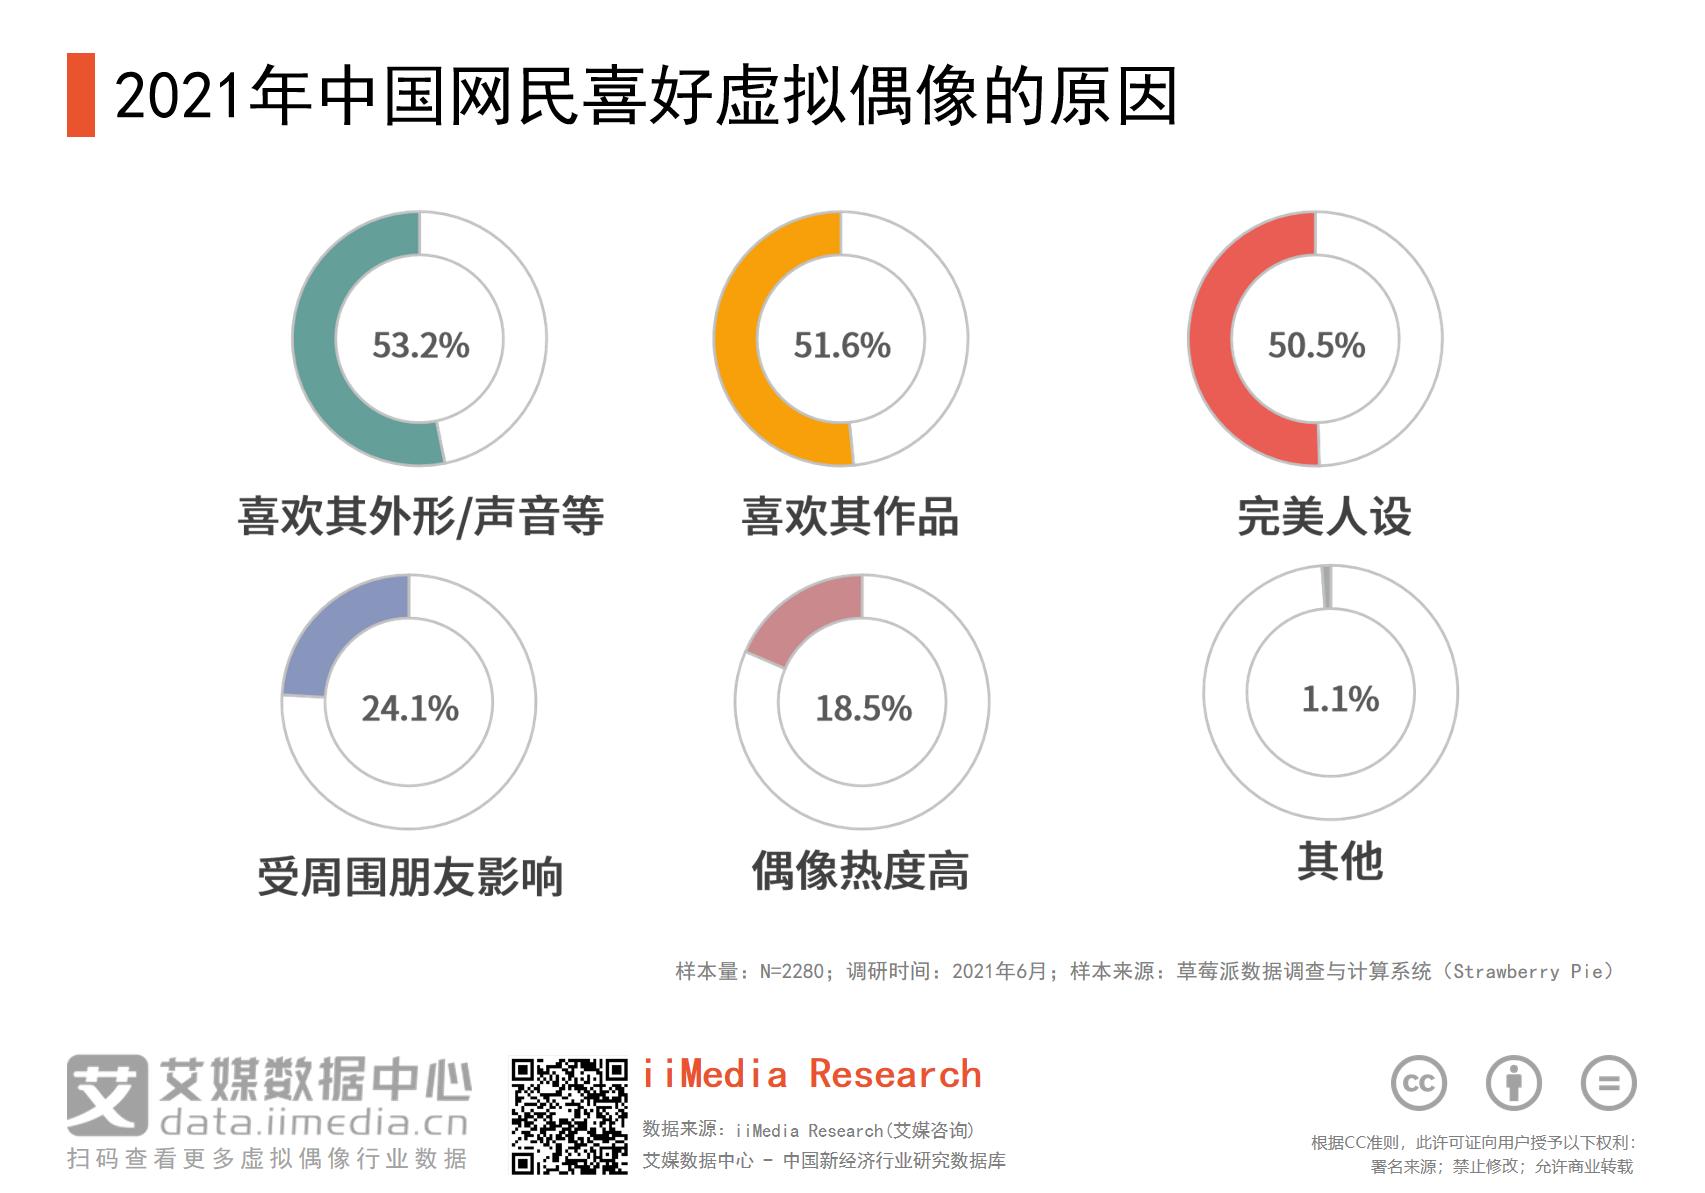 2021年中国网民喜好虚拟偶像的原因